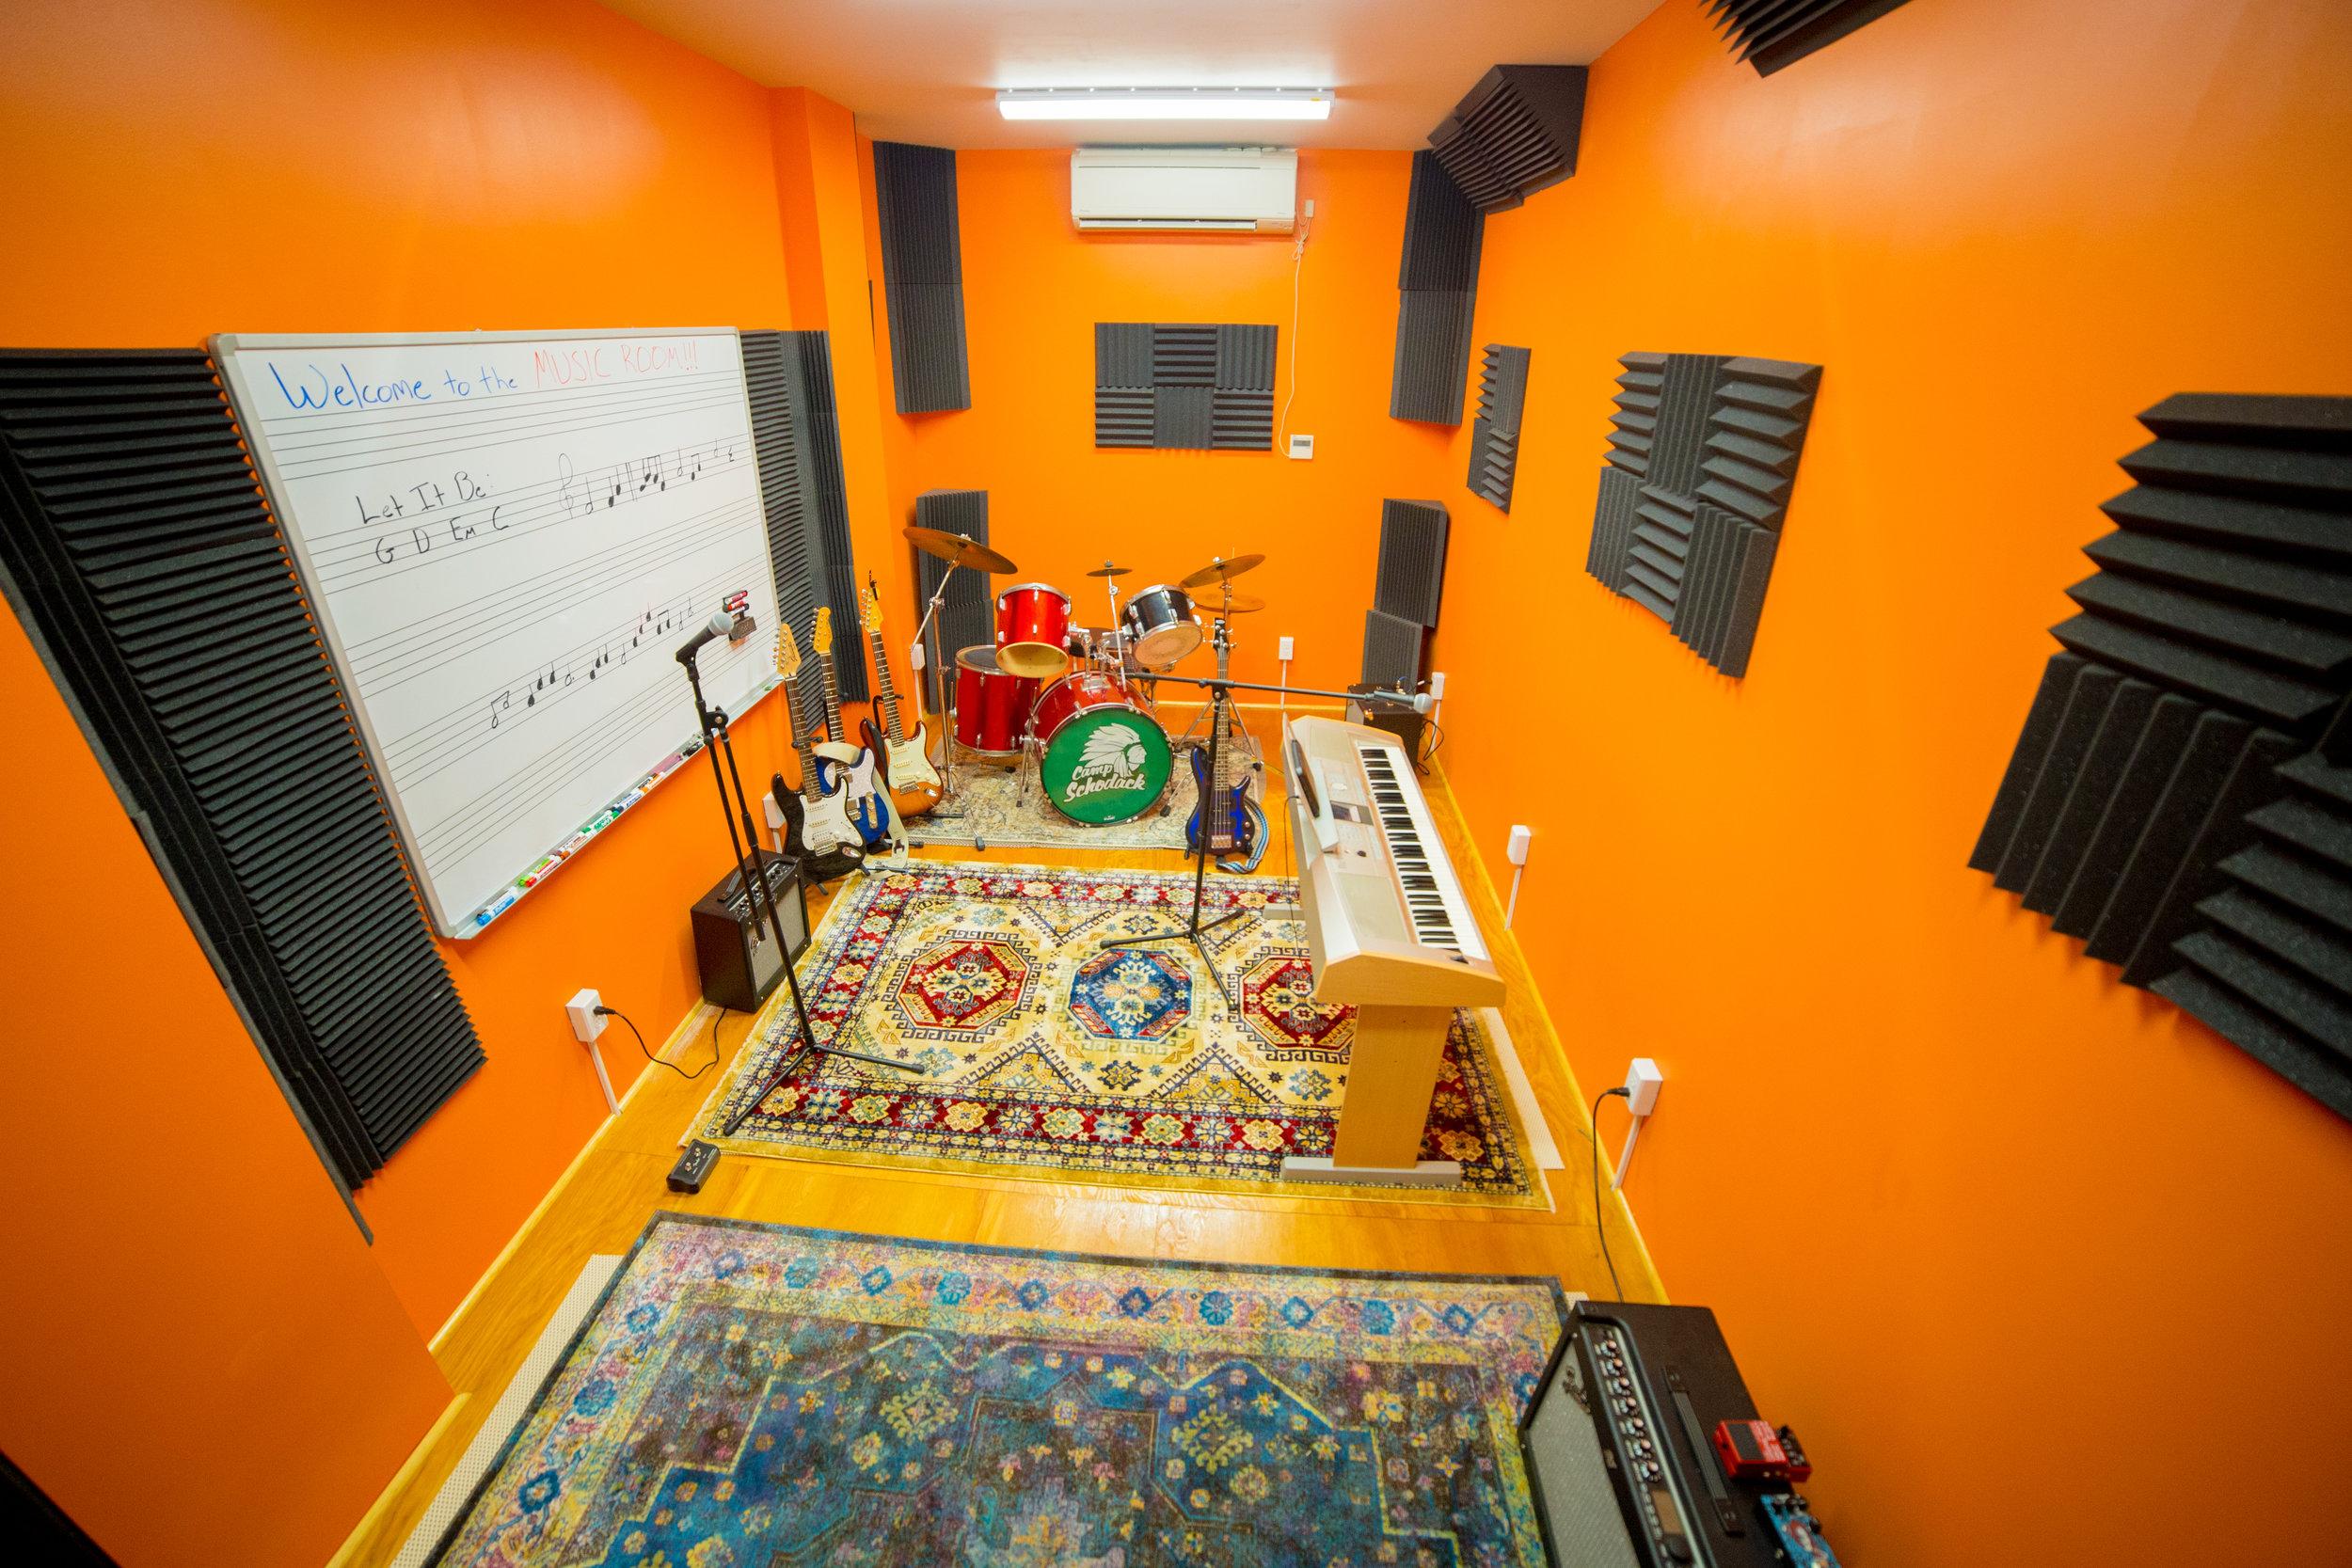 Musicroom6.jpg